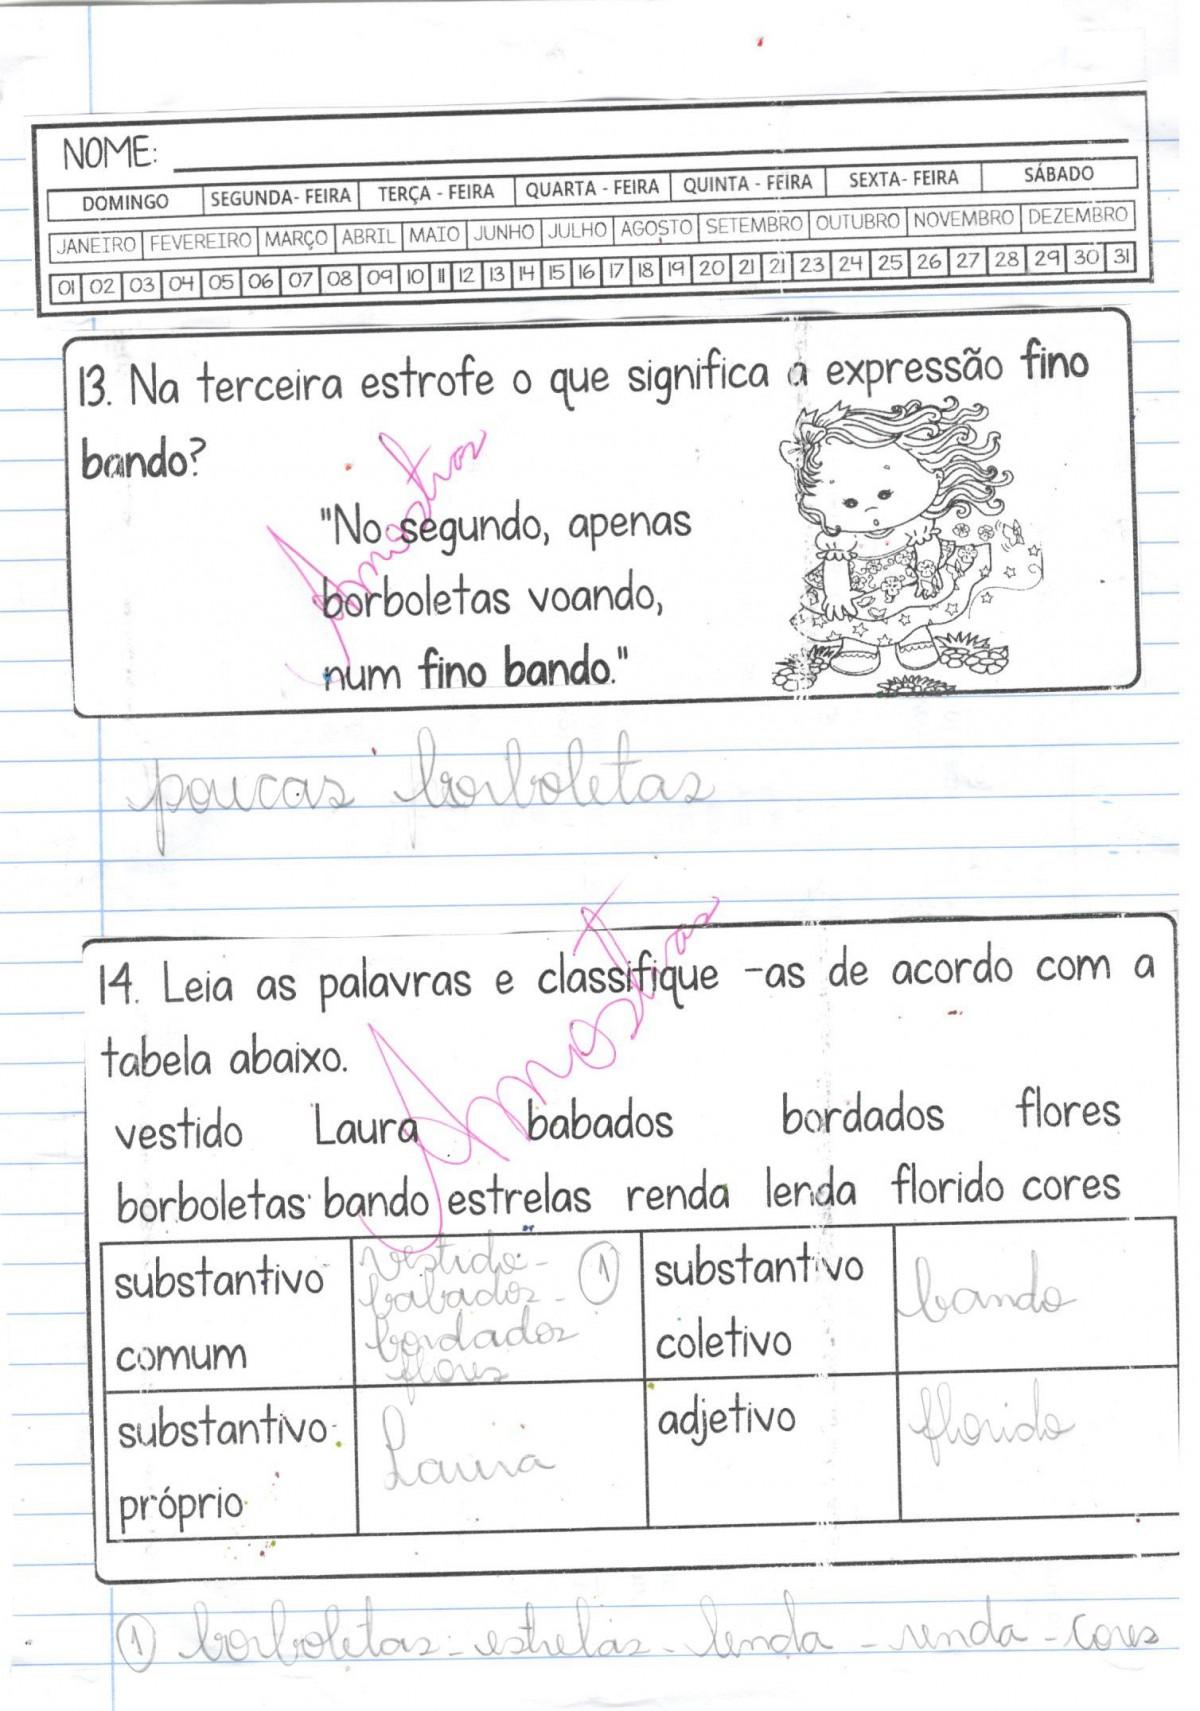 Foto5 - Caderninho BNCC O vestido de Laura 2º e 3º anos